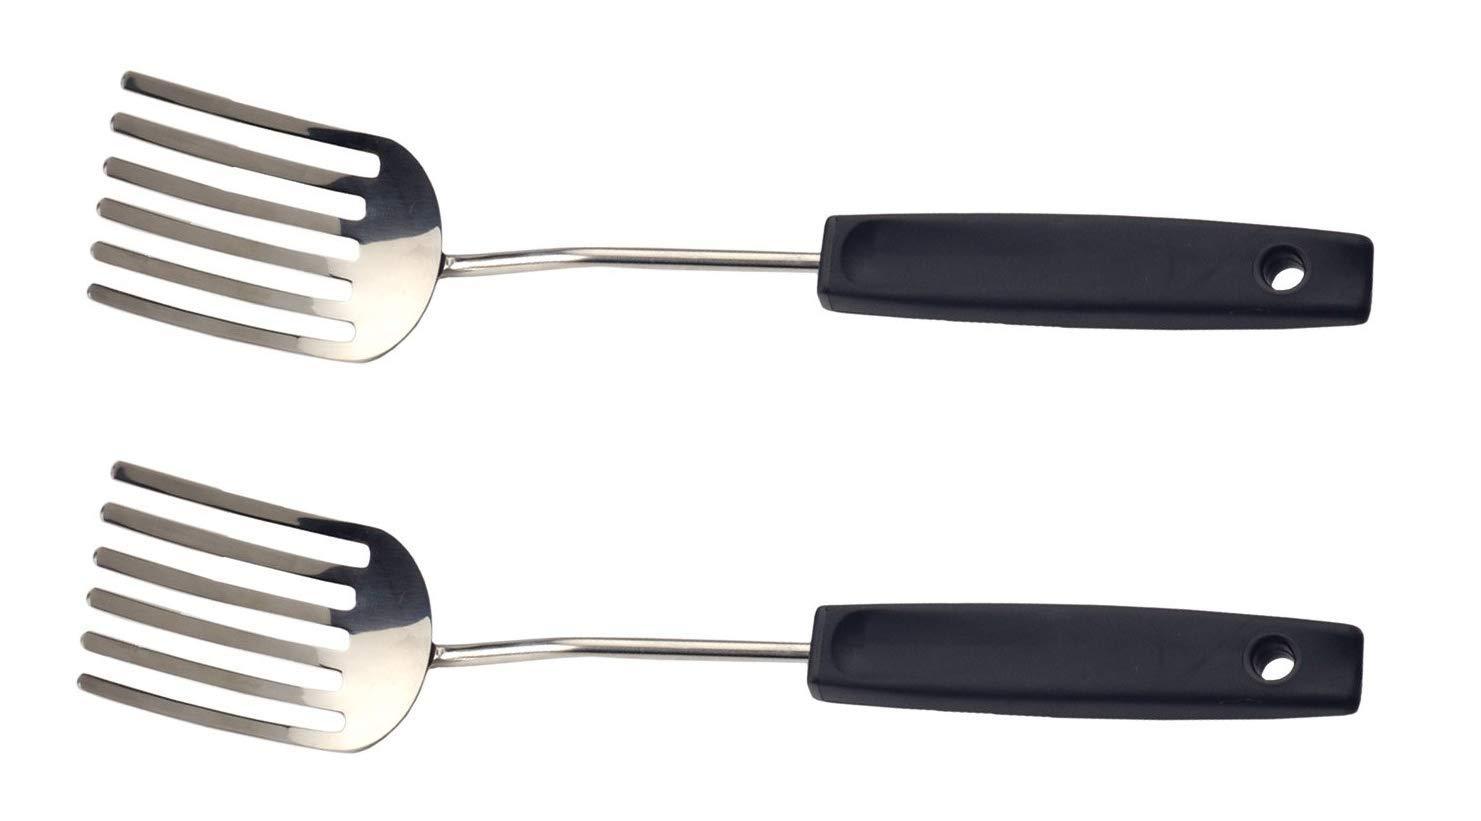 RSVP Fantastic Food Blending Fork Stainless Steel Scrambled Eggs FFF-10 (2-Pack) by RSVP